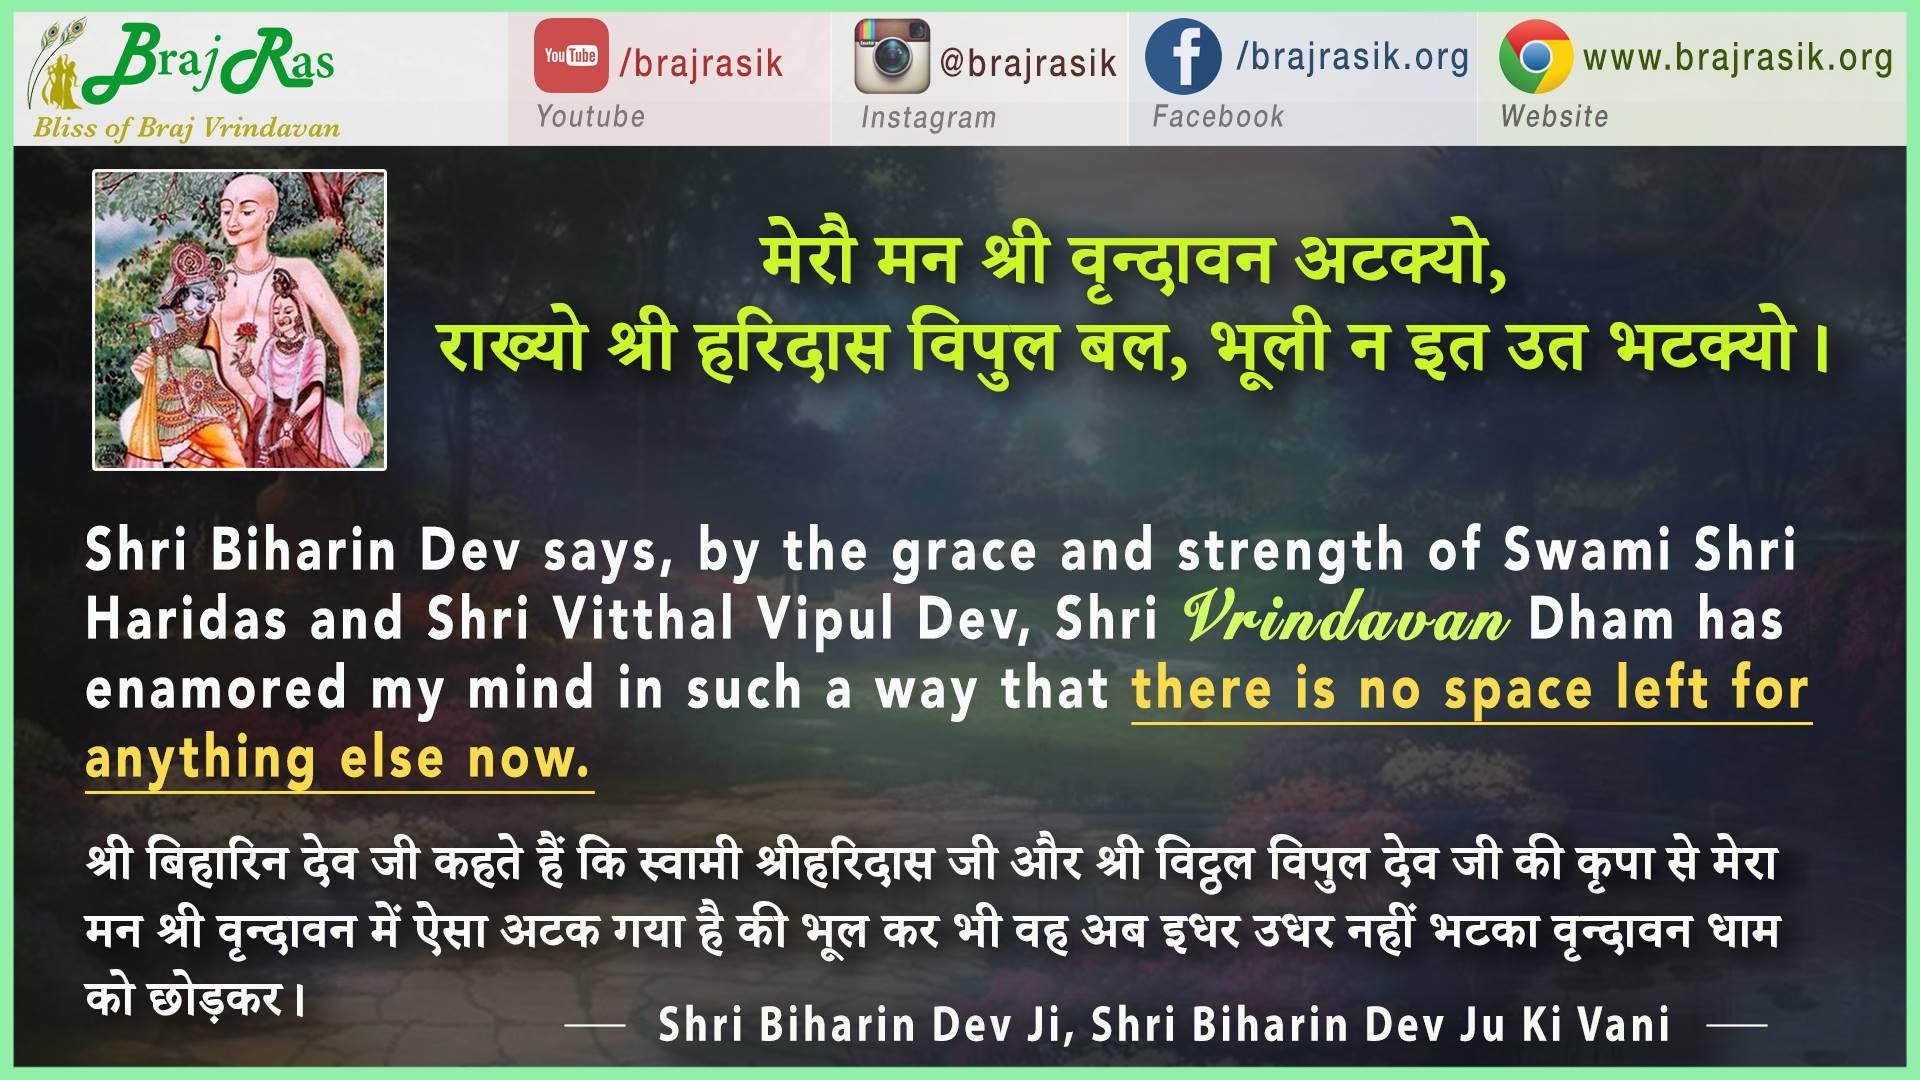 Mero Man Shri Vrindavan Atkyo, Rakhyo Shri Haridas Vipul Bal, Bhuli Na Ita Uta Bhatkyo. - Shri Biharin Dev, Shri Biharin Dev Ju Ki Vani